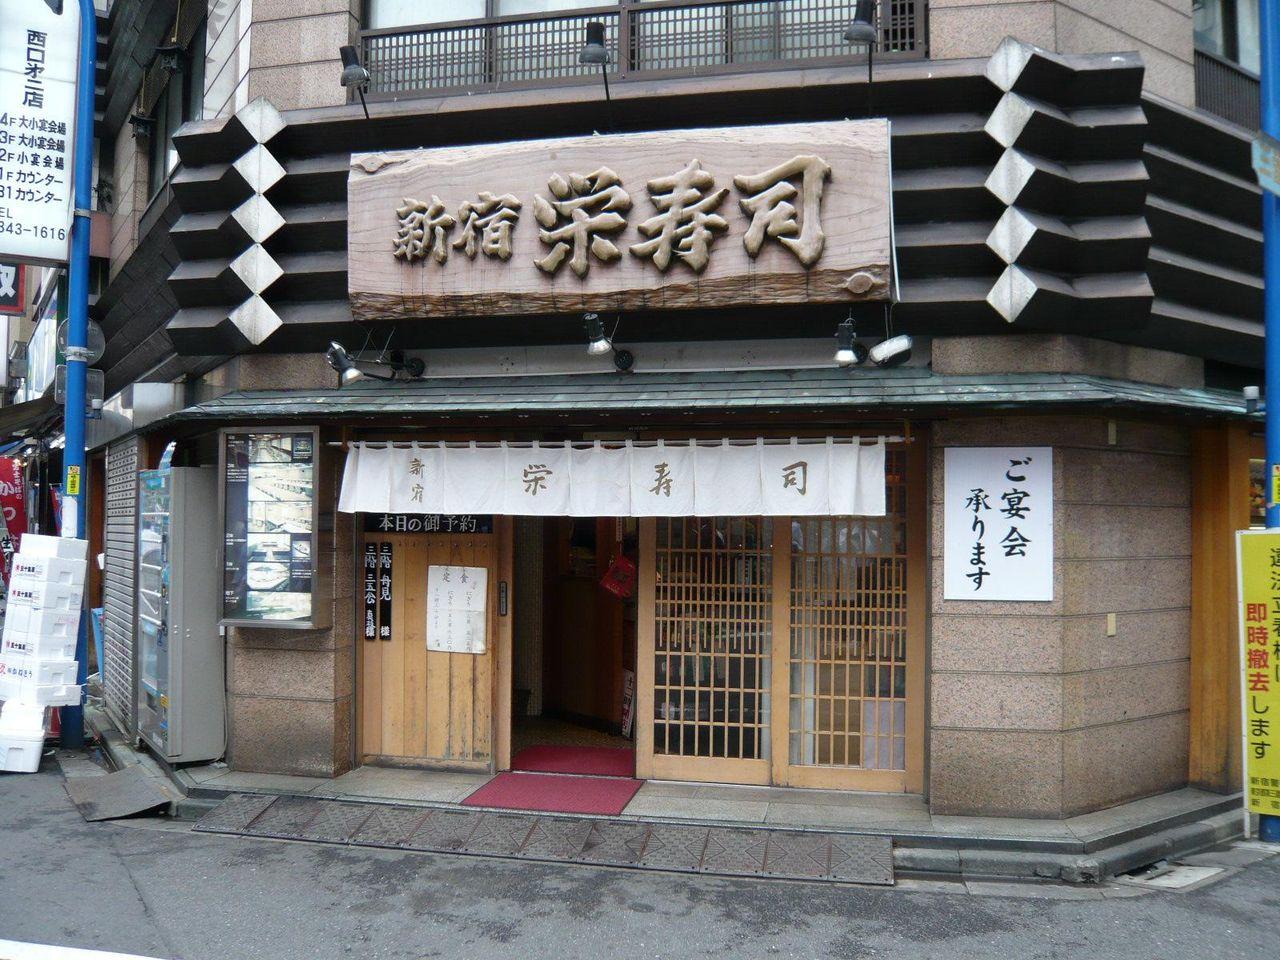 新宿西口にある激安にぎり寿司店